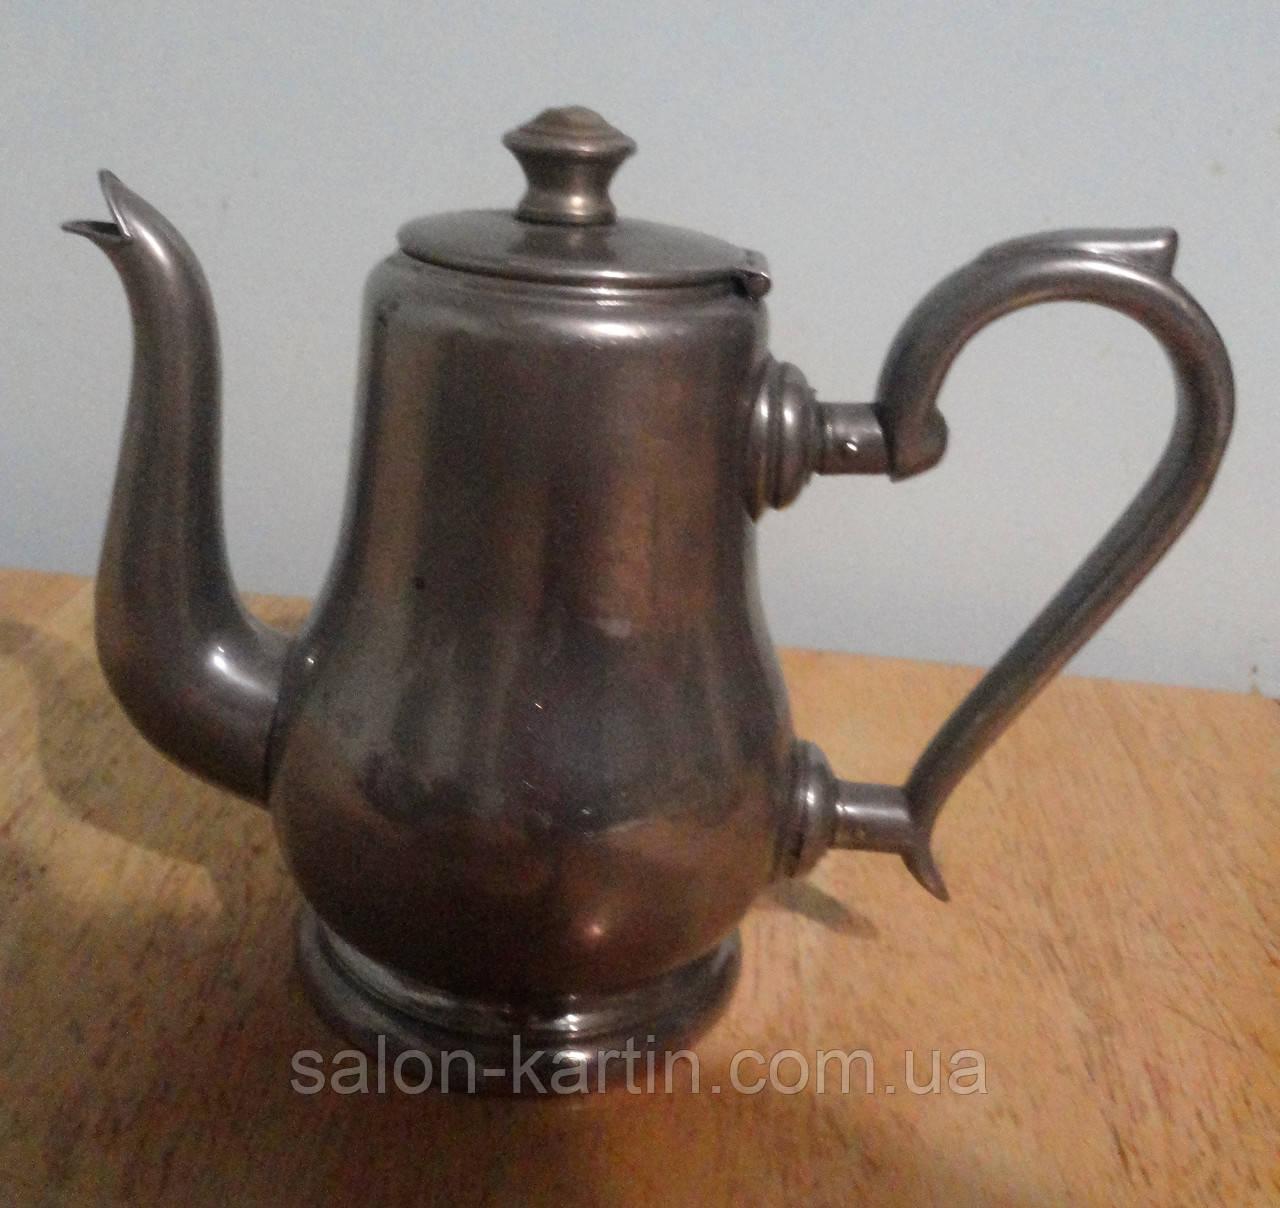 Антикварный чайник (заварник), клеймо, Германия